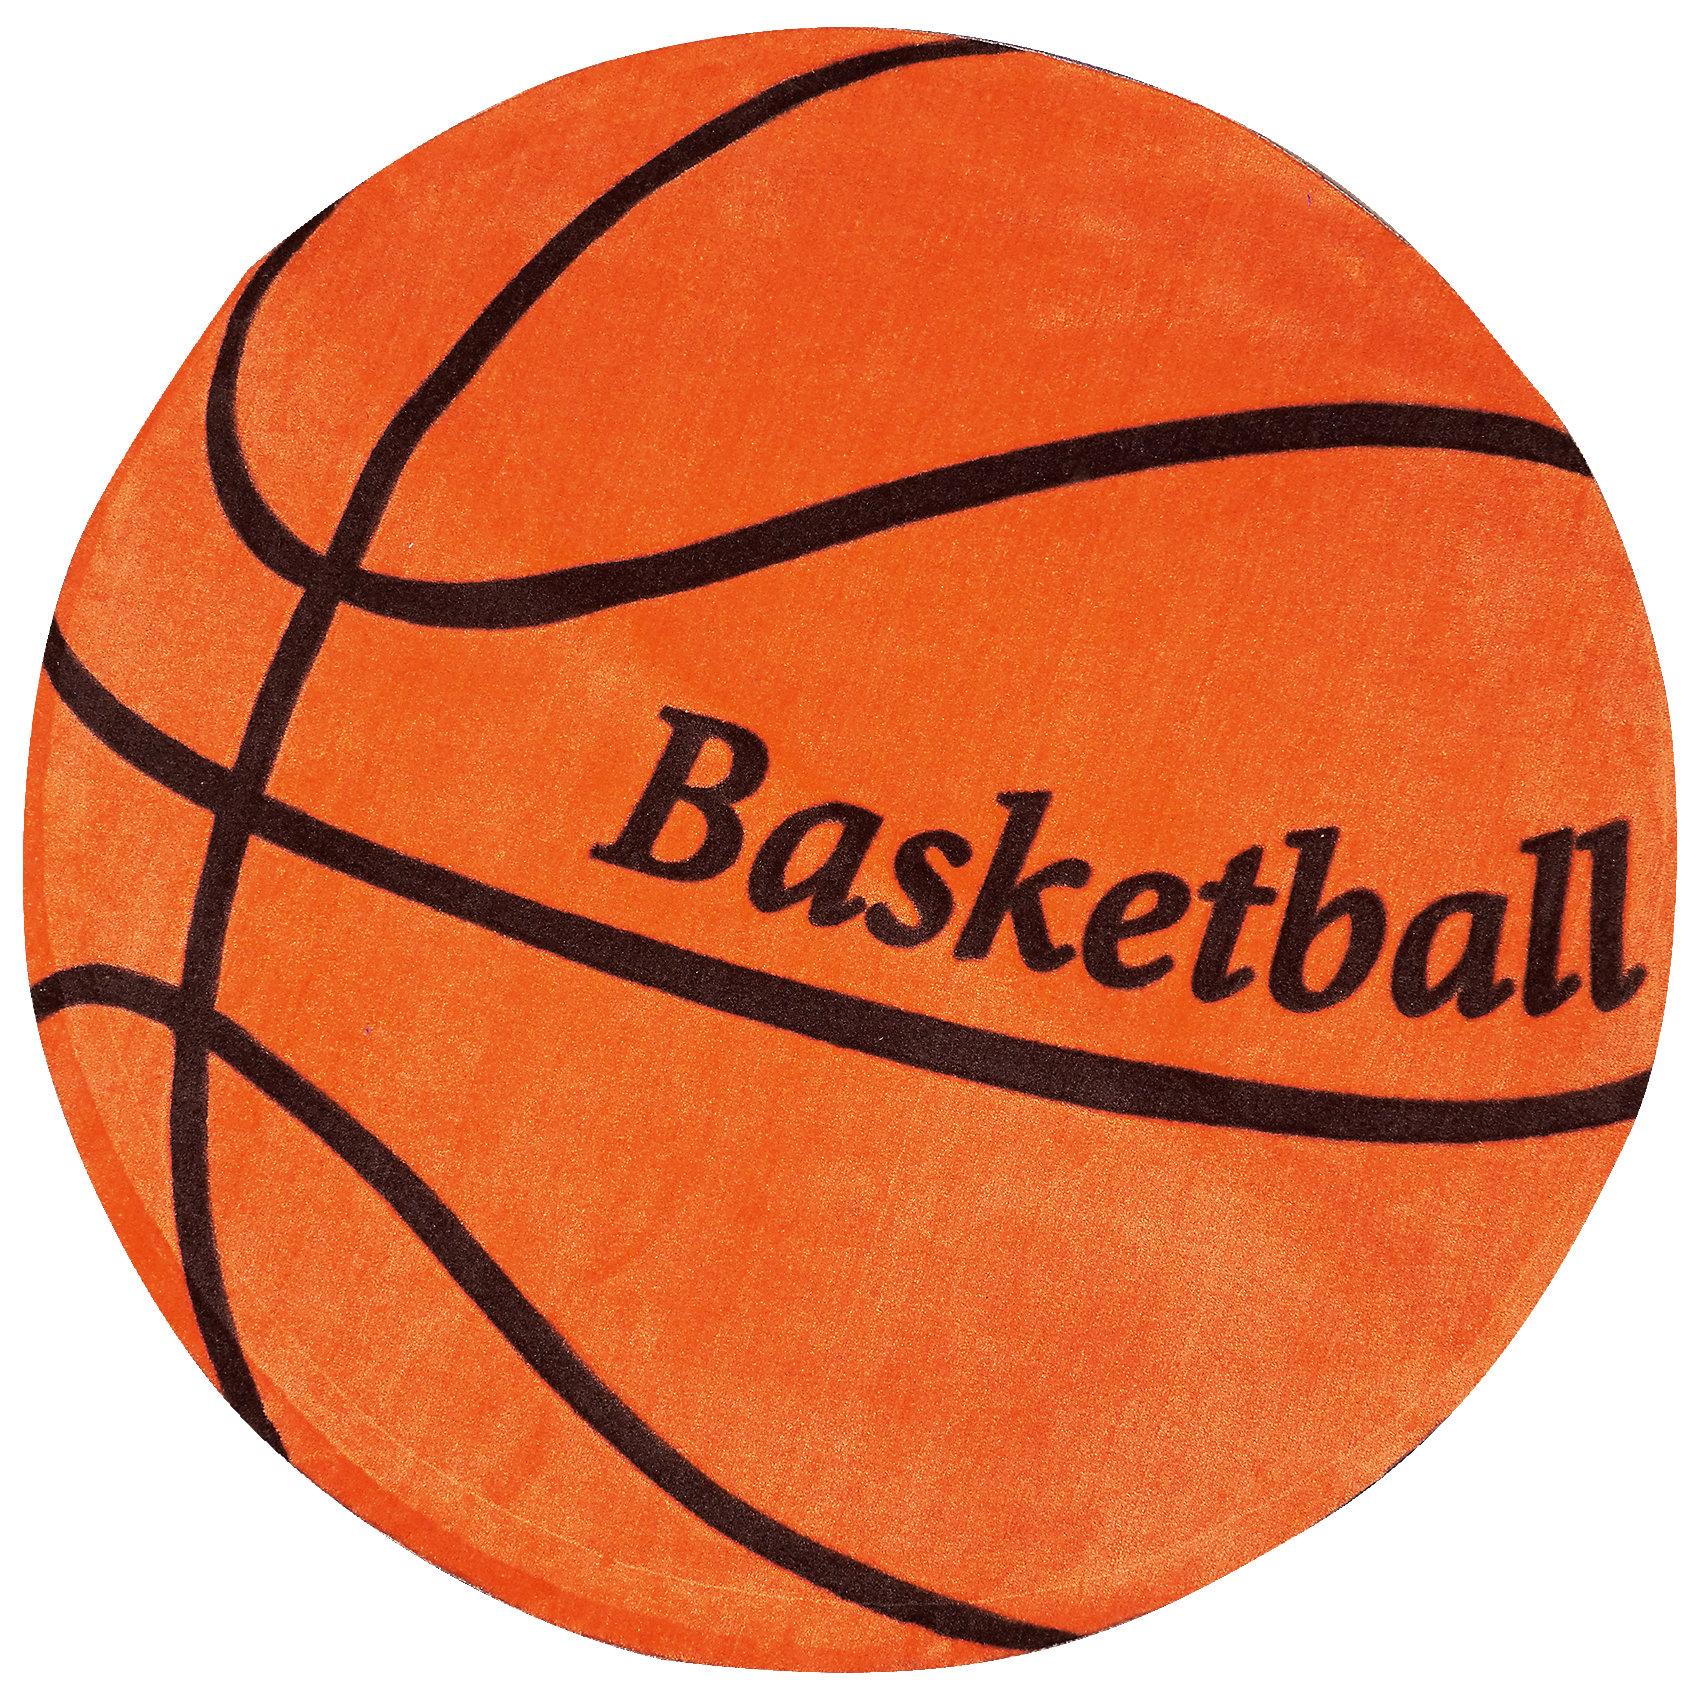 Ковер Баскетбол, диаметр 1,2 мЯркий ковер, выполненный в виде баскетбольного мяча, прекрасно впишется в интерьер детской и приведет в восторг любого ребенка. Ковер изготовлен из акриловой пряжи, он очень мягкий на ощупь, гипоаллергенный, легко чистится, мало весит, прекрасно сохраняет тепло. Края изделия аккуратно и надежно обработаны. Подложка выполнена из текстильного материала - полихлопка (хлопок и полиэстер в соотношении 80/20). Полихлопок обладает высокой степенью износостойкости и в то же время достаточно мягок, чтобы не наносить повреждения на ламинированные и паркетные полы.<br><br>Дополнительная информация:<br><br>- Материал: акрил, полихлопок. <br>- Размер: d - 1,2.<br>- Цвет: черный, оранжевый.<br>- Отличная теплопроводность. <br>- Антистатичность. <br>- Цветостойкость: долго сохраняет яркость цвета. <br><br>Ковер Баскетбол, диаметр 1,2 м, можно купить в нашем магазине.<br><br>Ширина мм: 1200<br>Глубина мм: 120<br>Высота мм: 120<br>Вес г: 2680<br>Возраст от месяцев: -2147483648<br>Возраст до месяцев: 2147483647<br>Пол: Унисекс<br>Возраст: Детский<br>SKU: 4537008